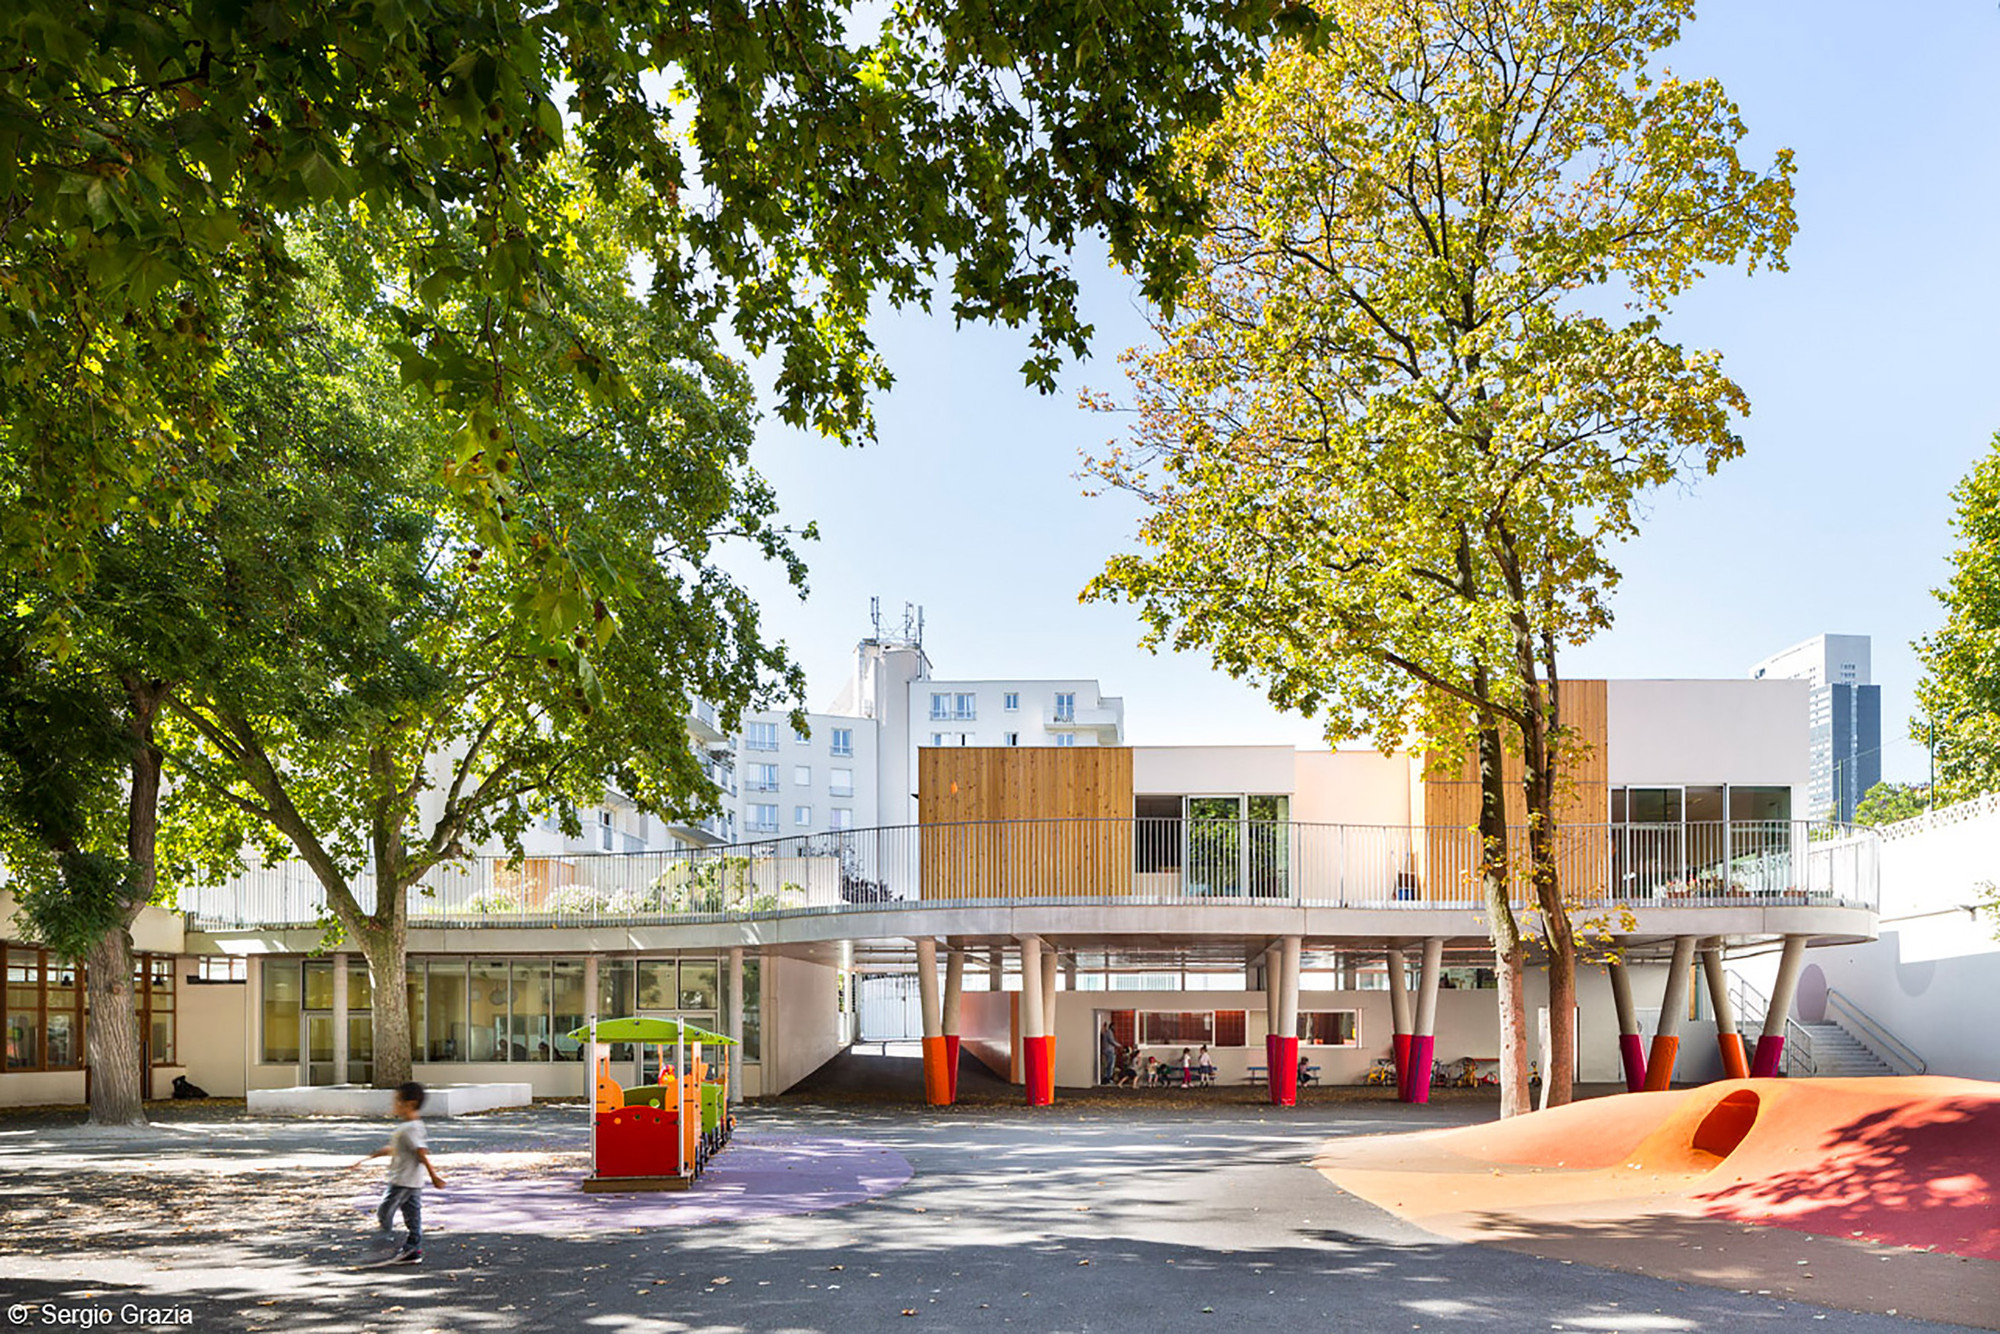 Escuela Sonia Delaunay / ADEN architectes, © Sergio Grazia